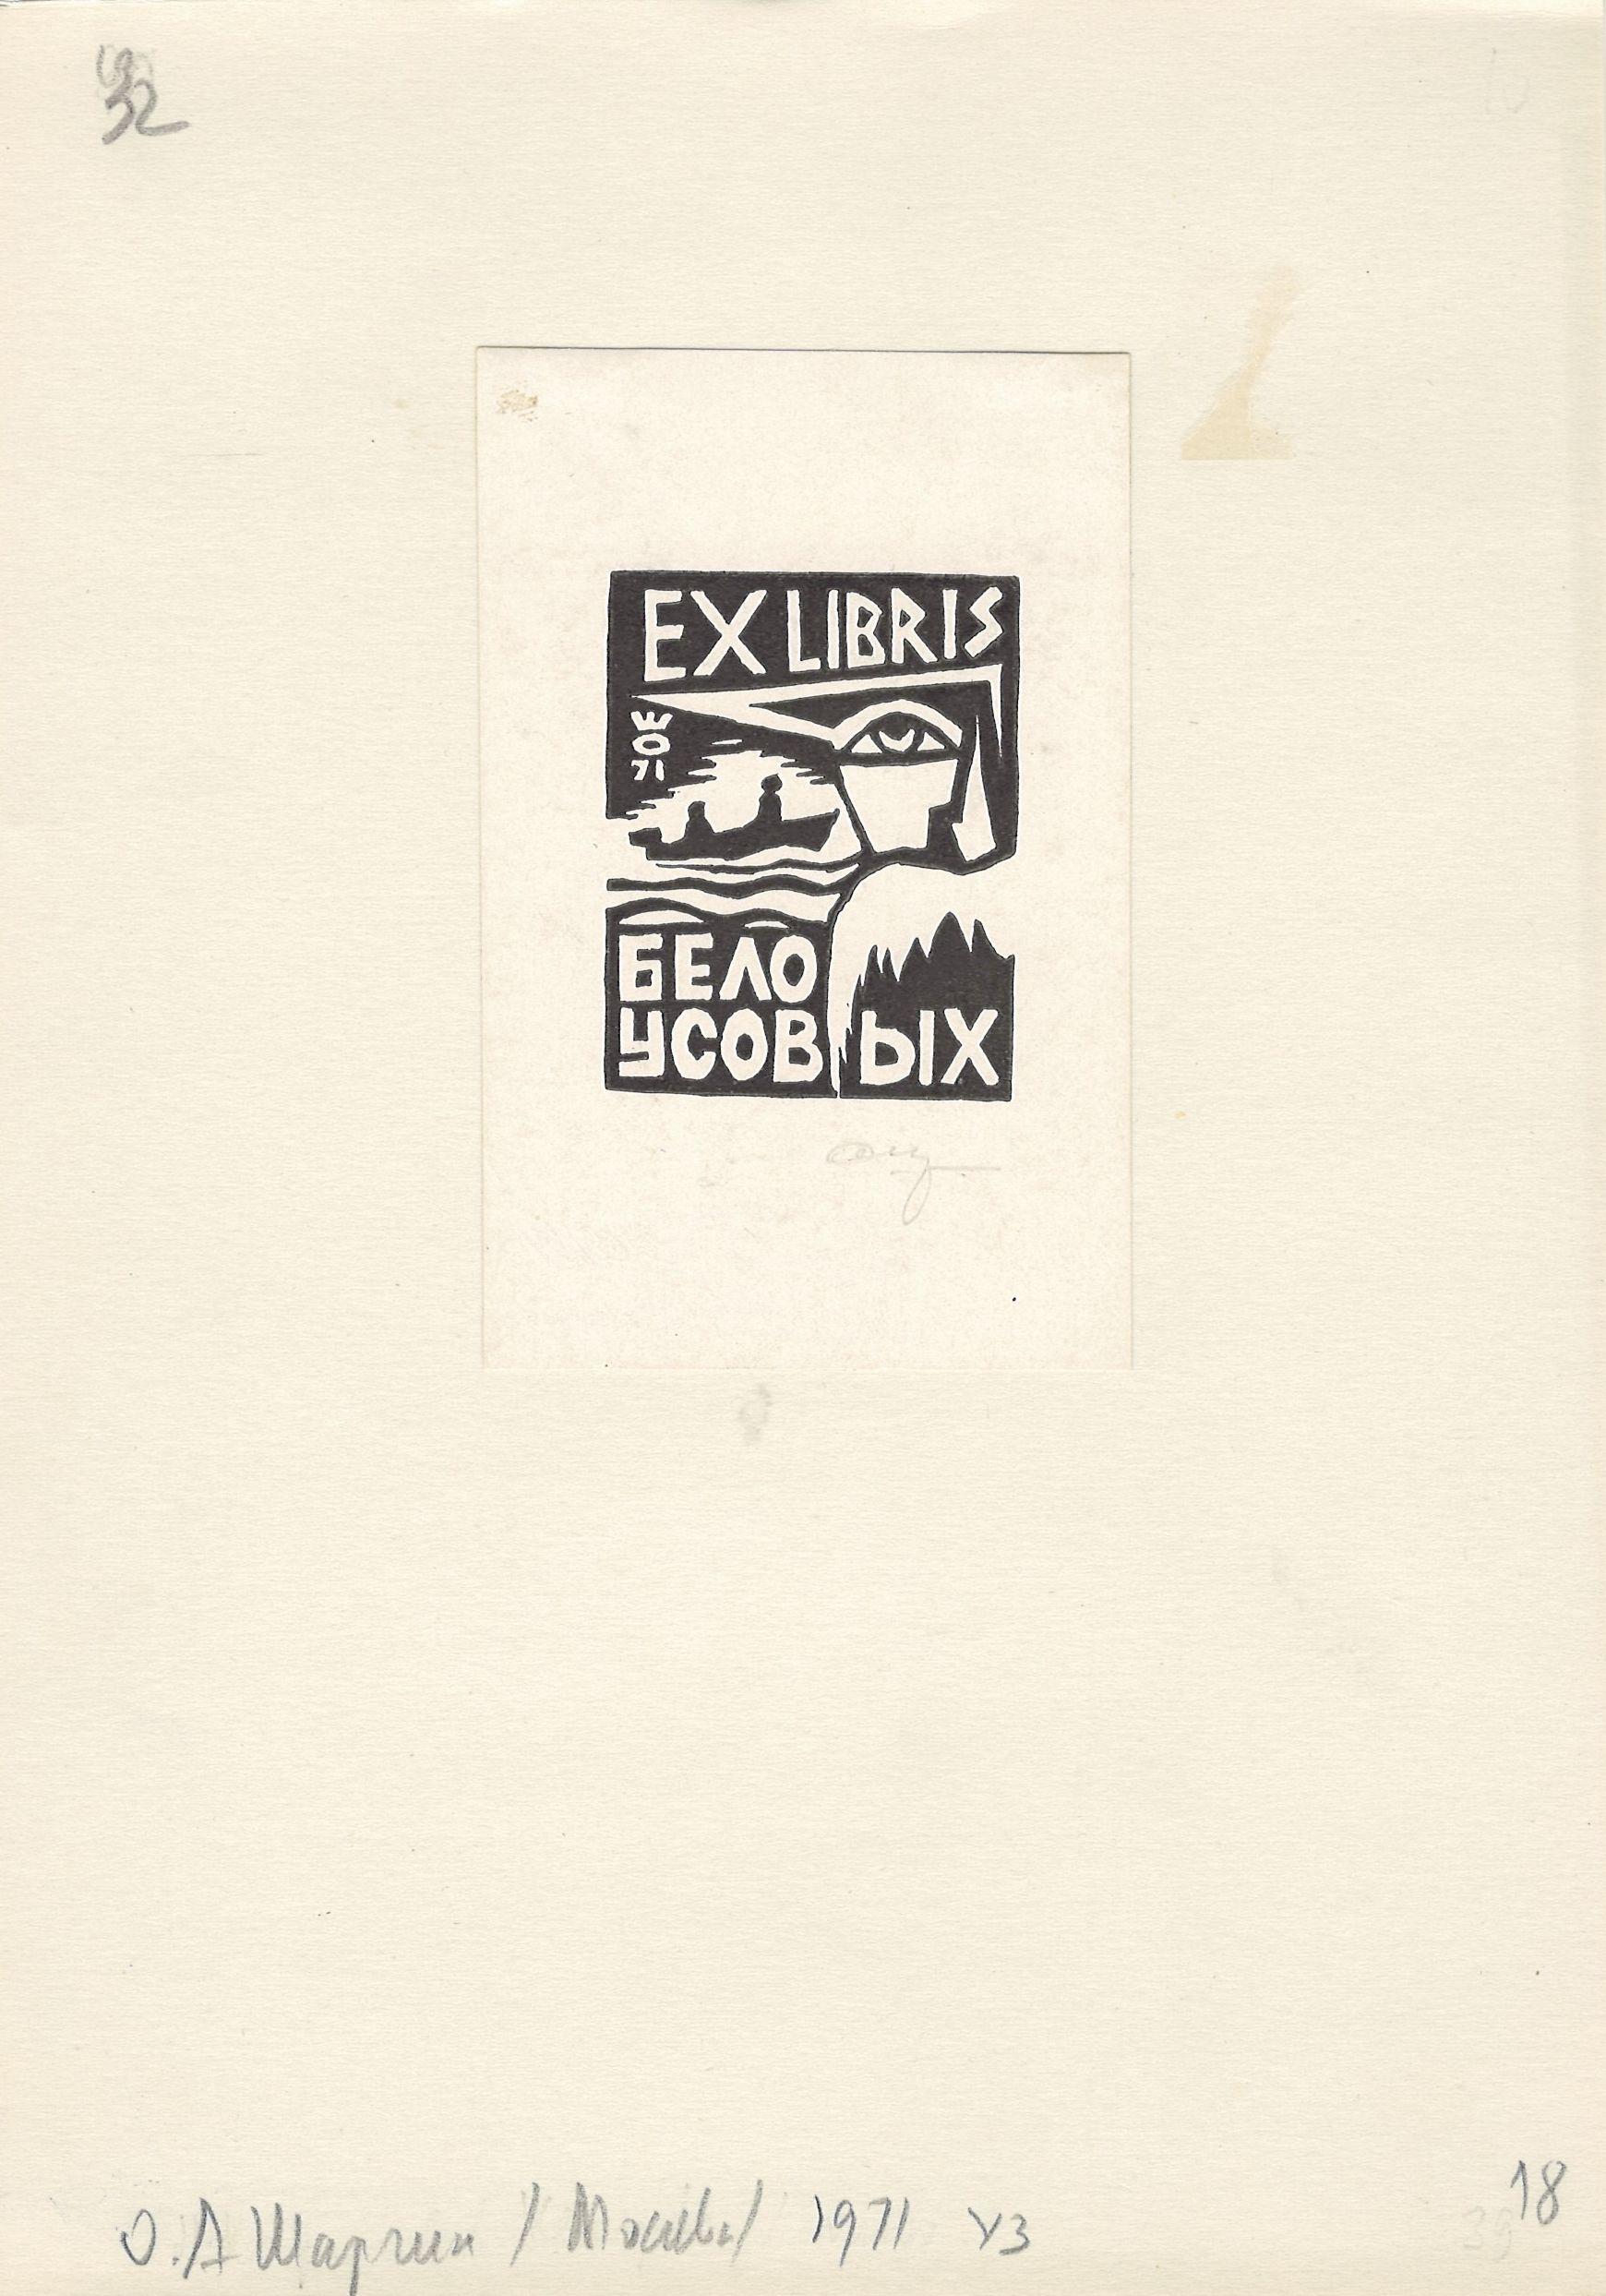 """Графіка. Екслібрис. """"Ex libris Бєлоусових"""" Шаргіна О. А."""